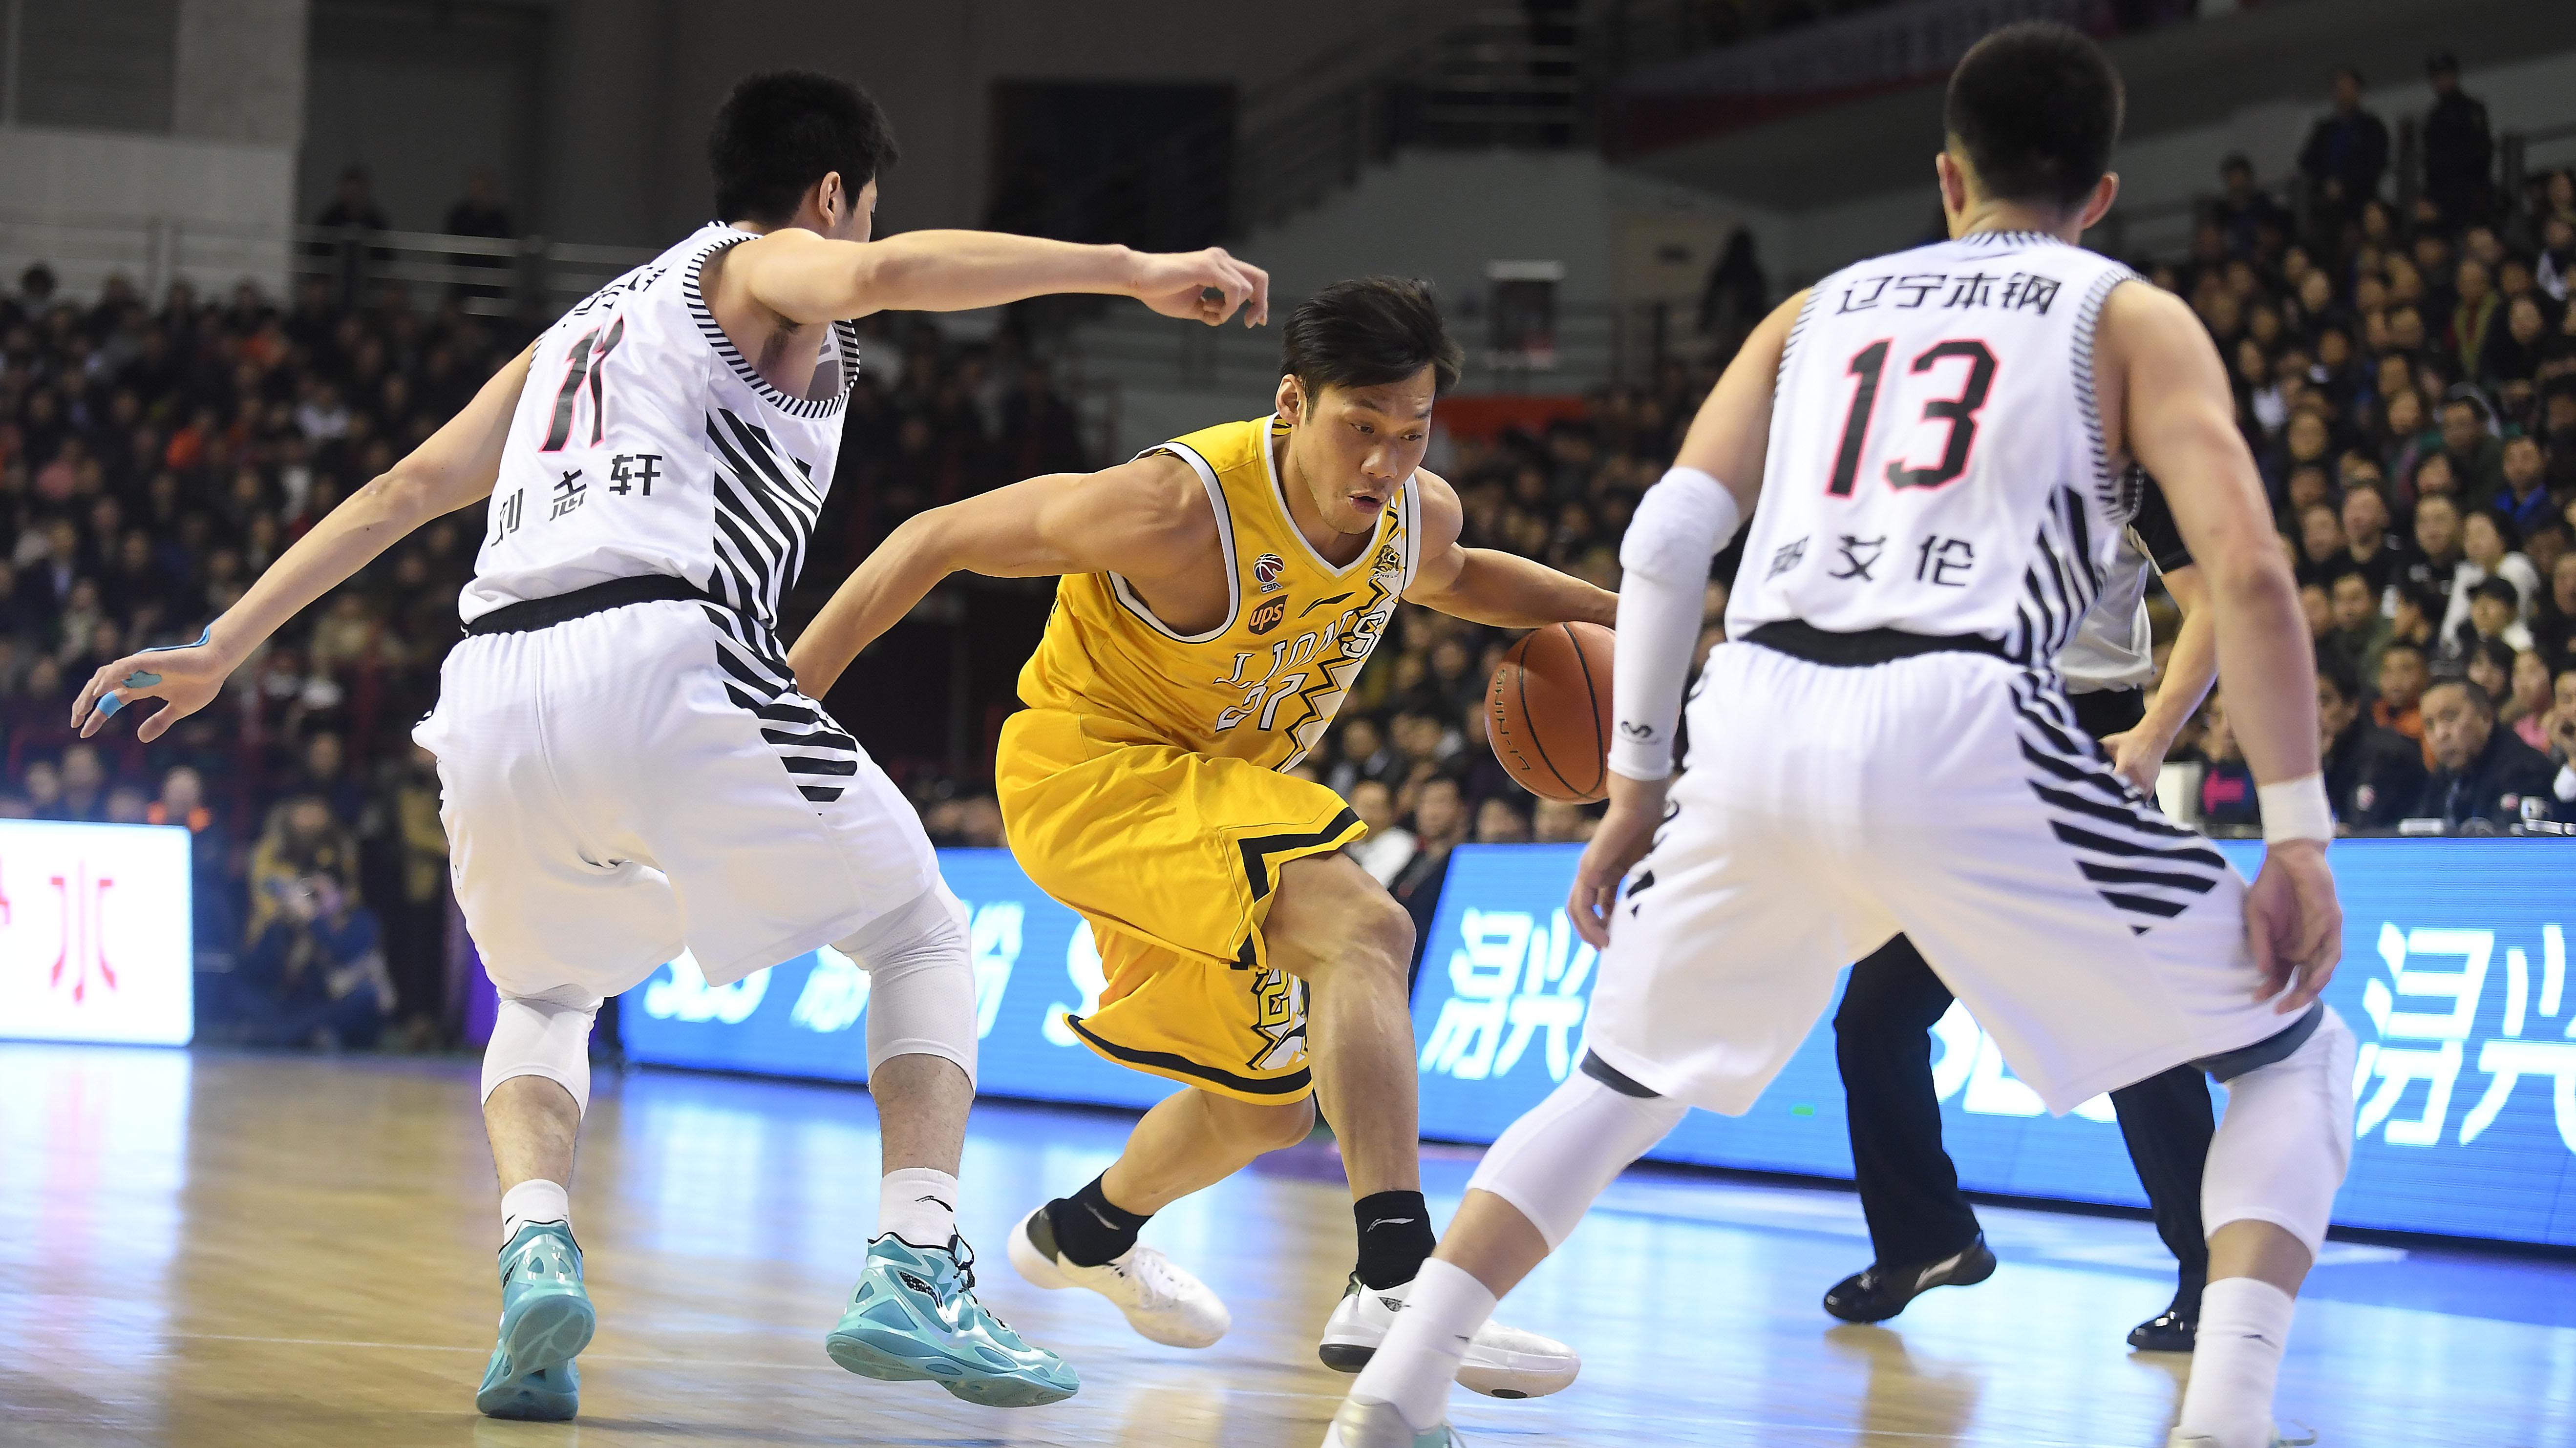 图为2月17日,浙江广厦队球员林志杰(中)在对阵辽宁队的比赛中带球突破。